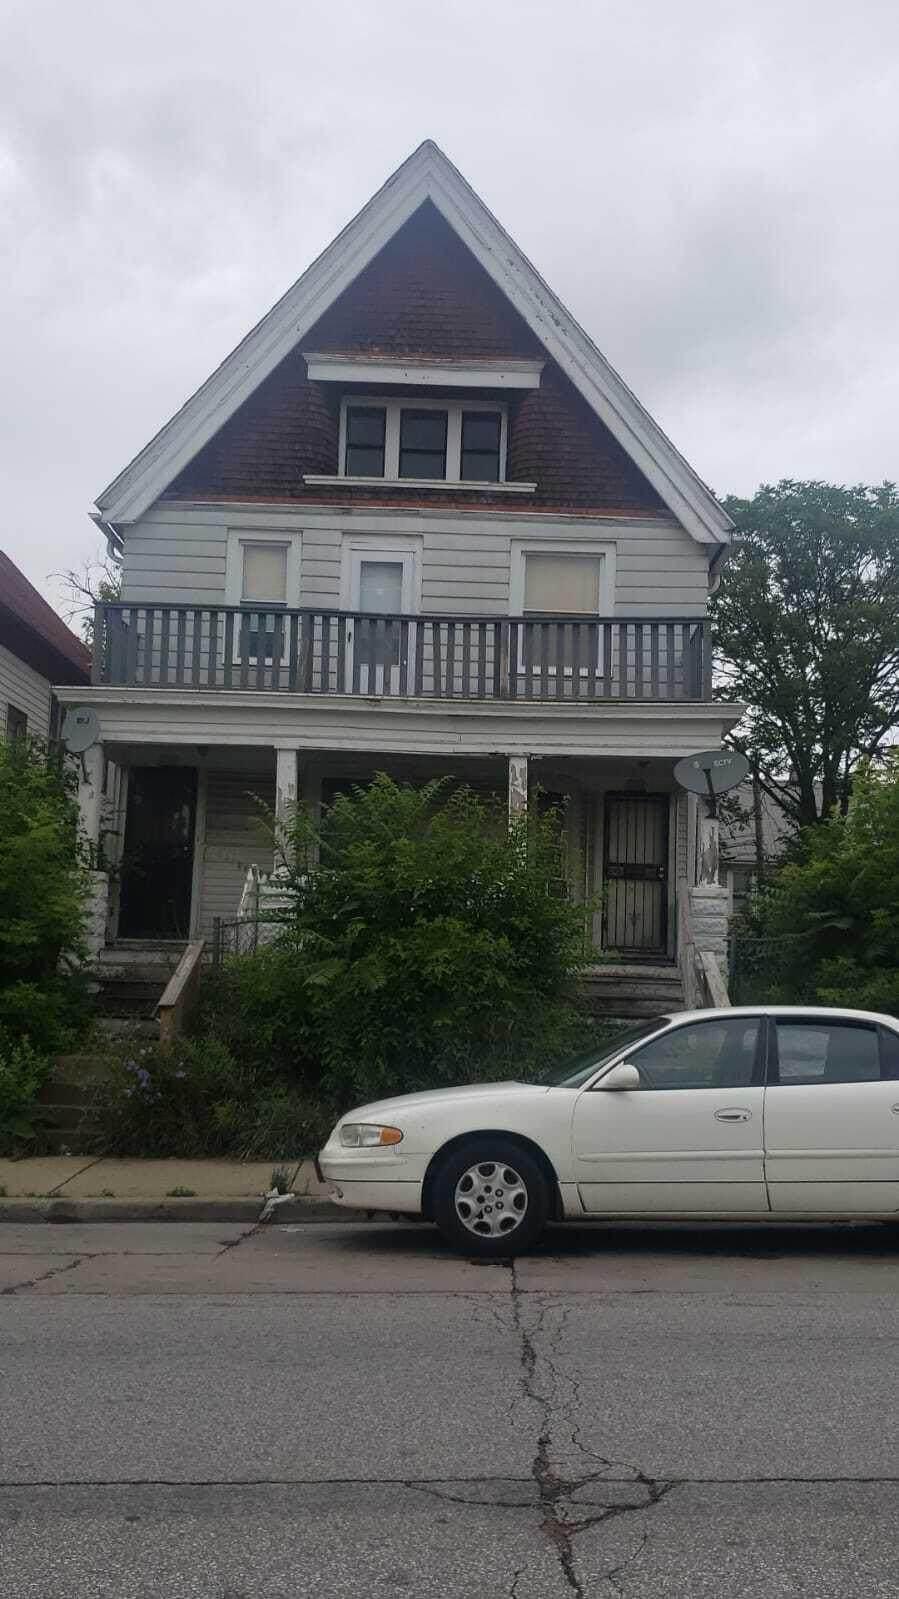 2708 Burleigh St - Photo 1